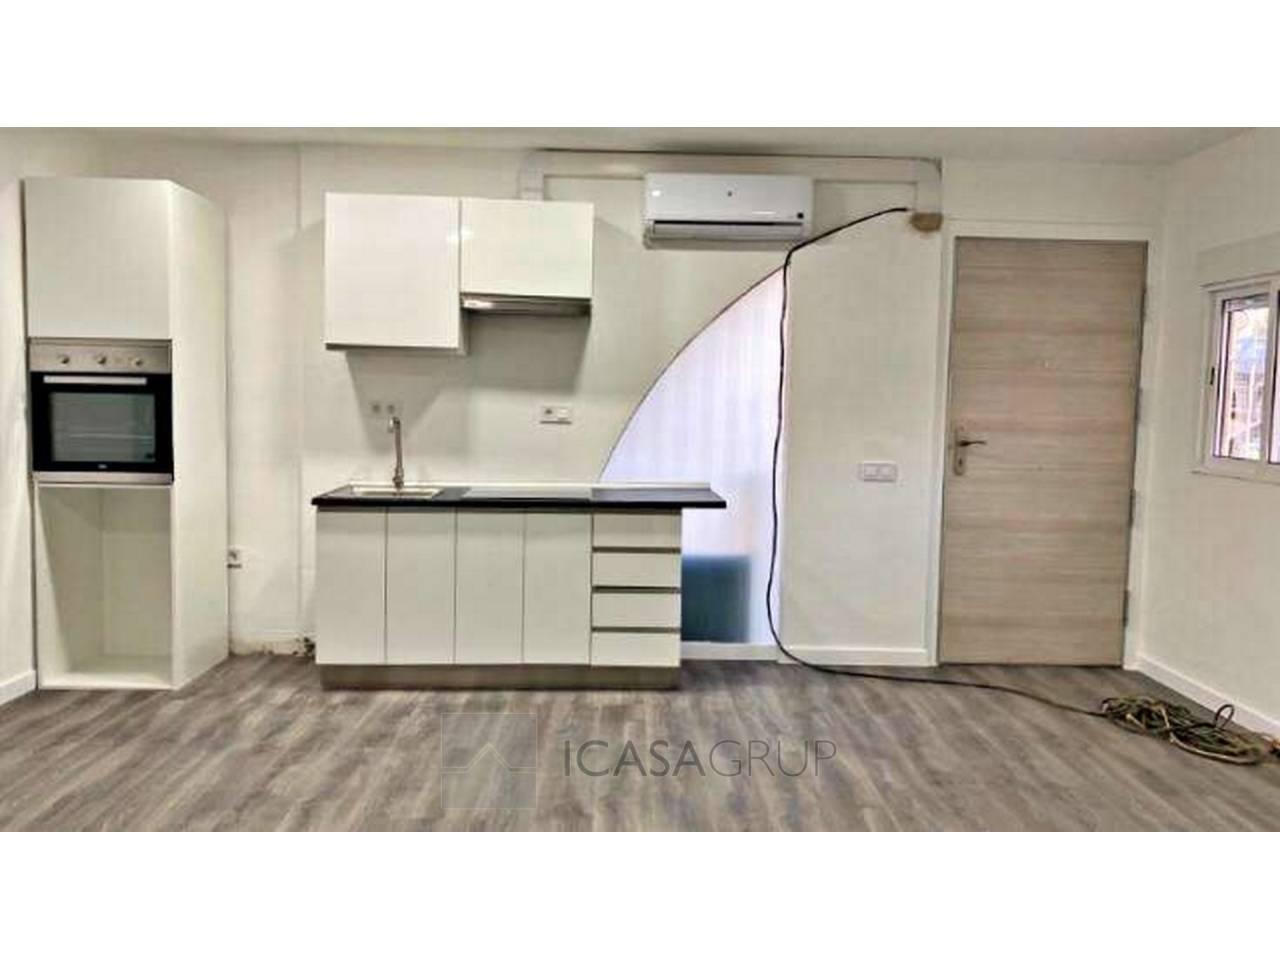 Local preparado como vivienda nuevo  a estrenar en la zona de Ca n´Orilo-Rubí